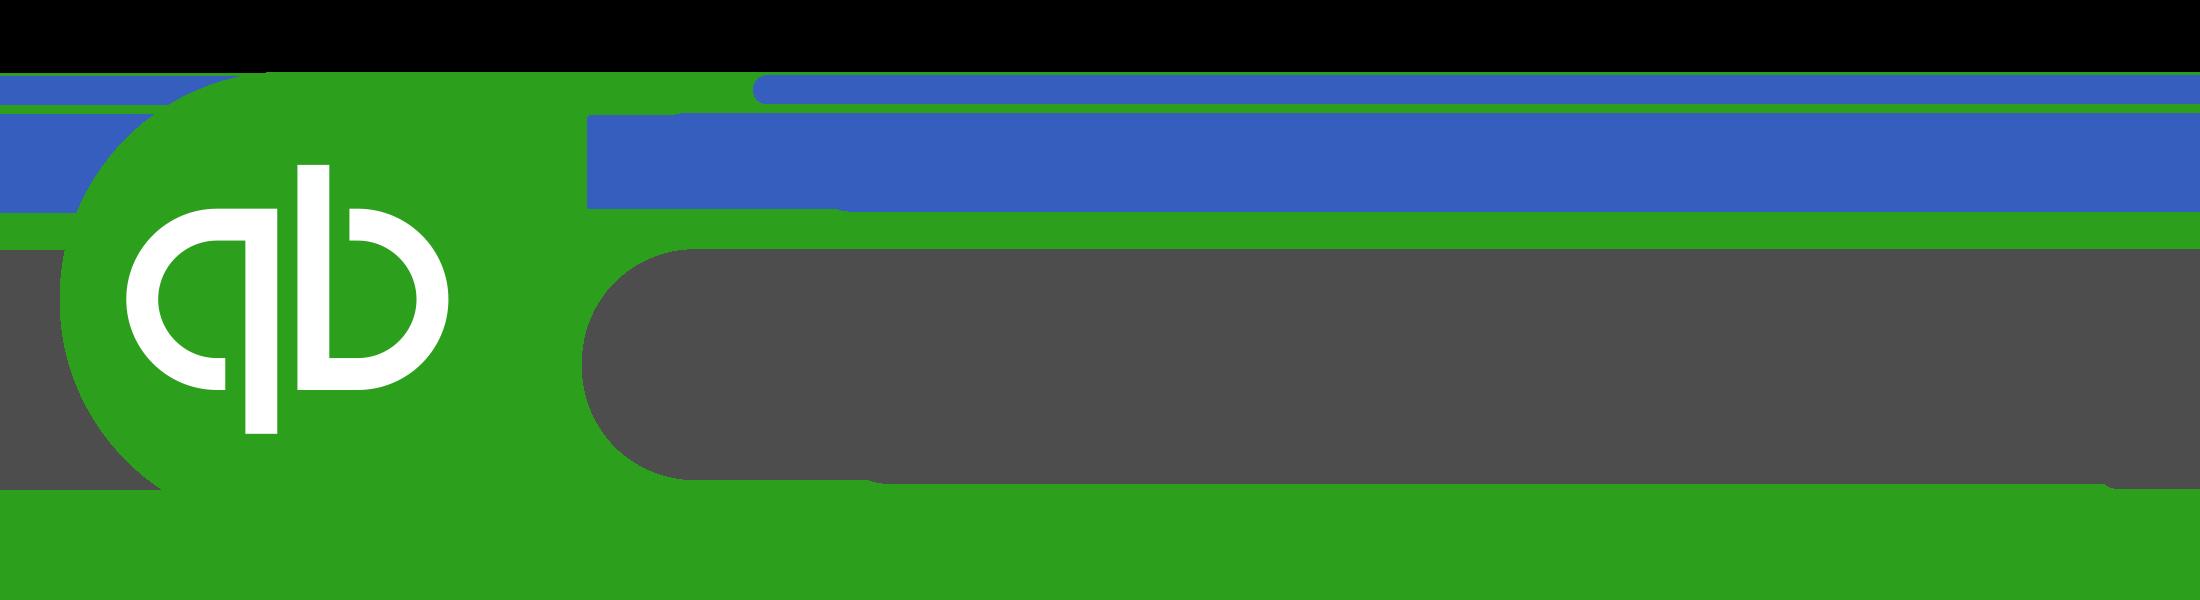 QuickBooks Enterprise Logo